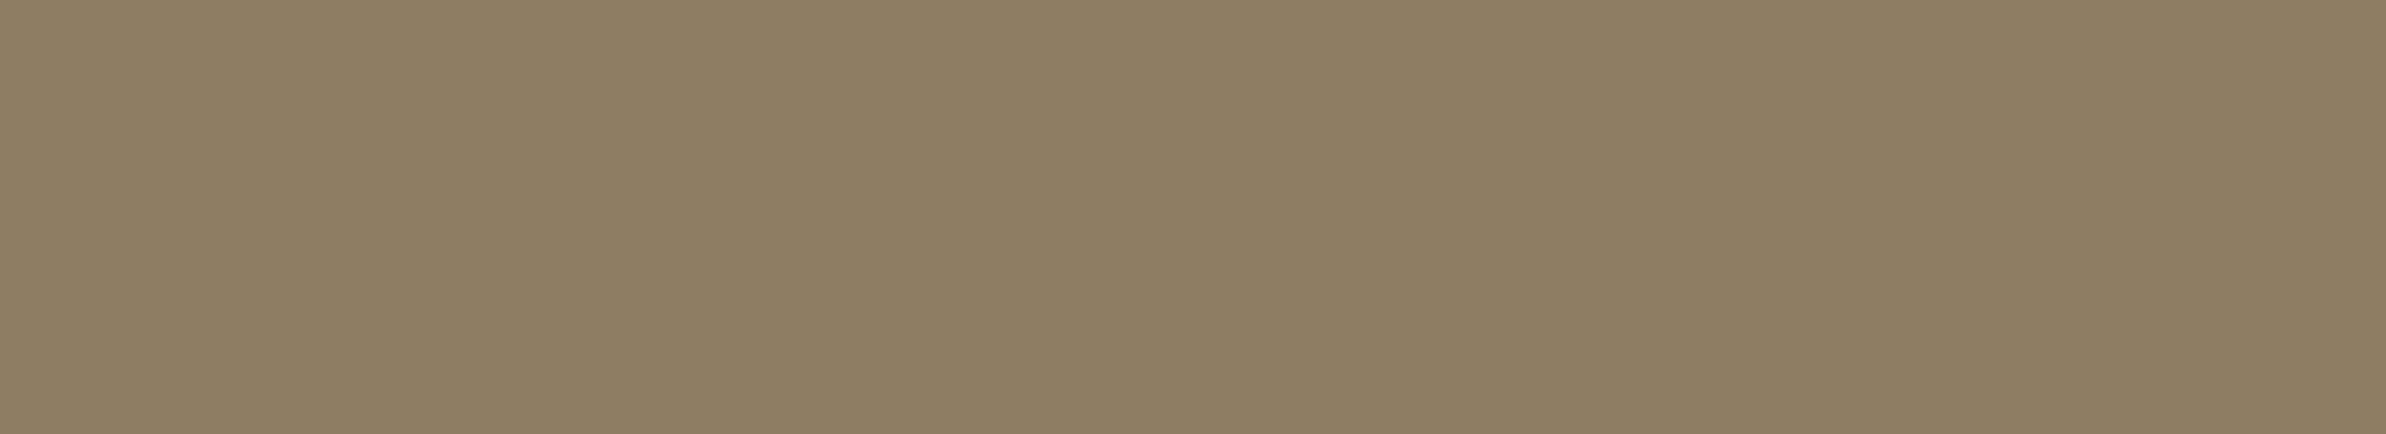 #494 @ 3% - Grey